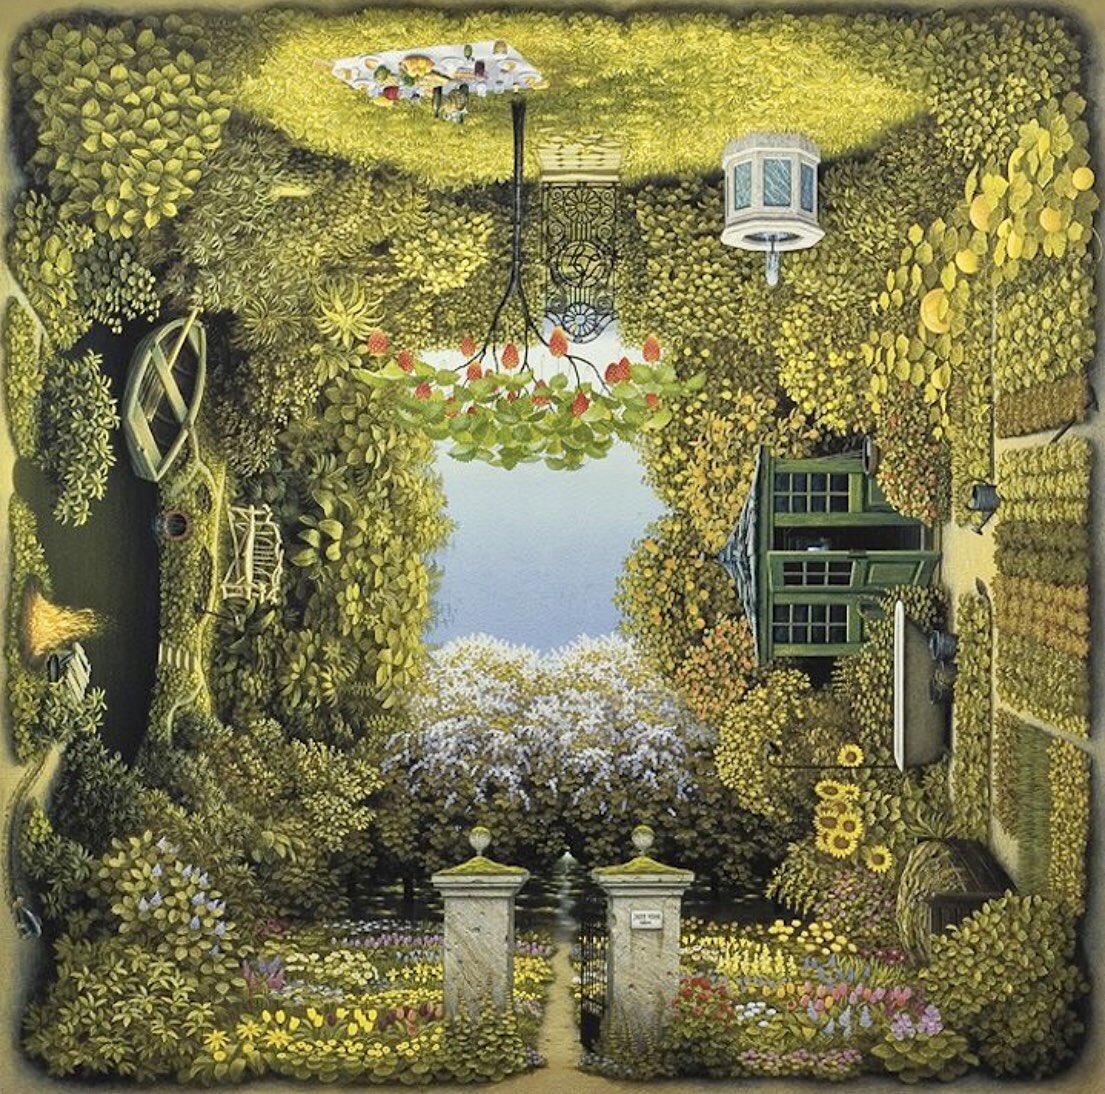 To plant a garden        is to believe in tomorrow.        ~Audrey Hepburn~  Gardener's Garden Jacek Yerka  #Art #surrealism #weekendvibes pic.twitter.com/whralpHBZm